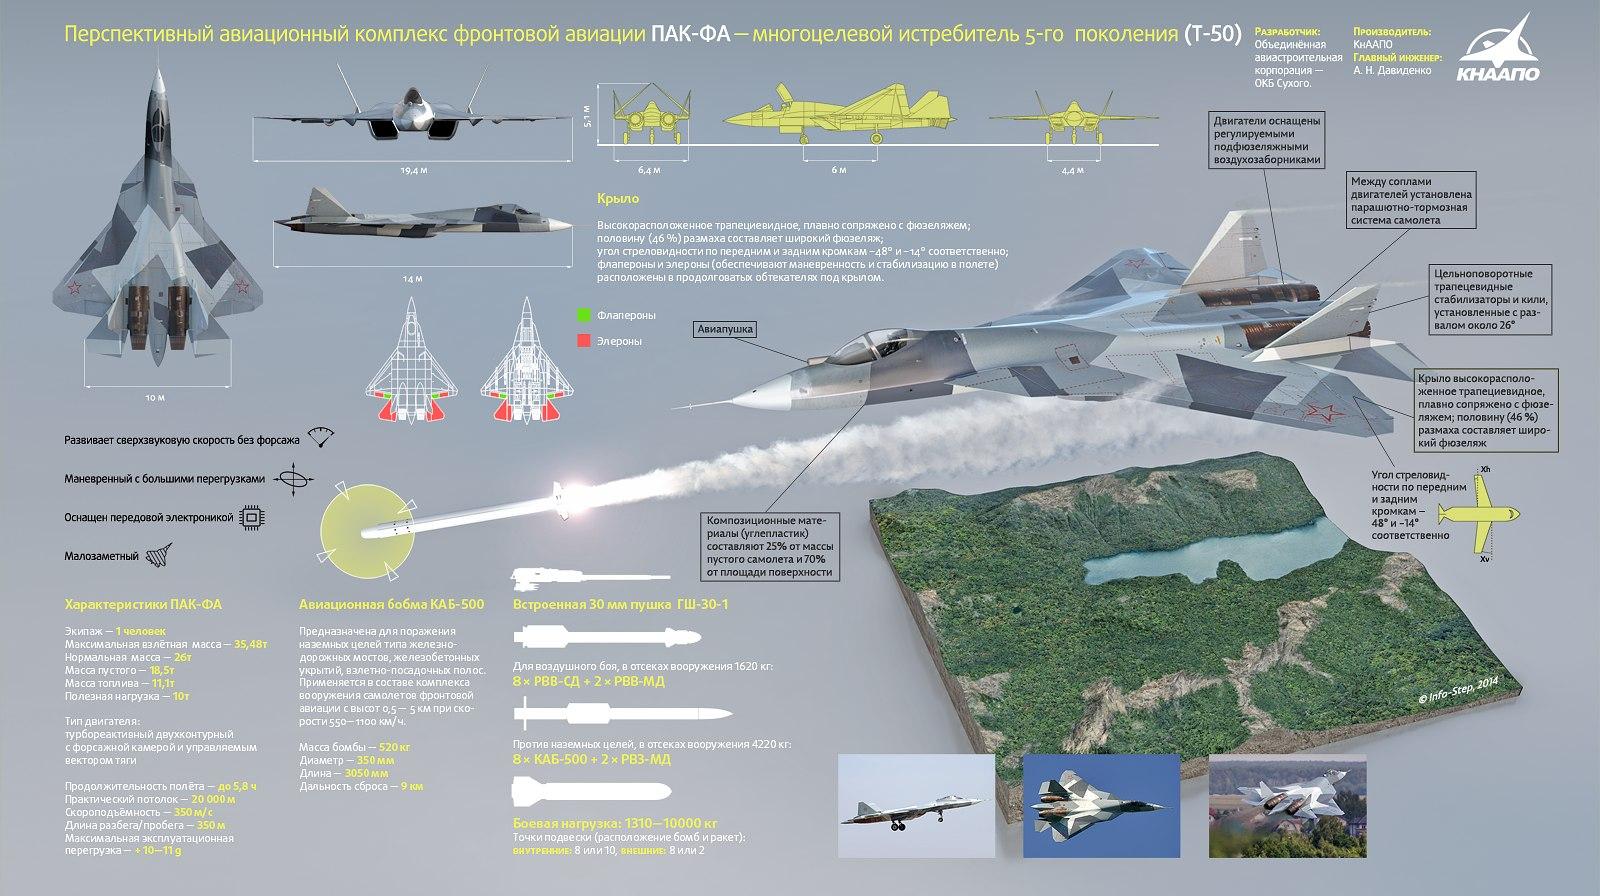 Т-50 - истребитель пятого поколения. Характеристики ...